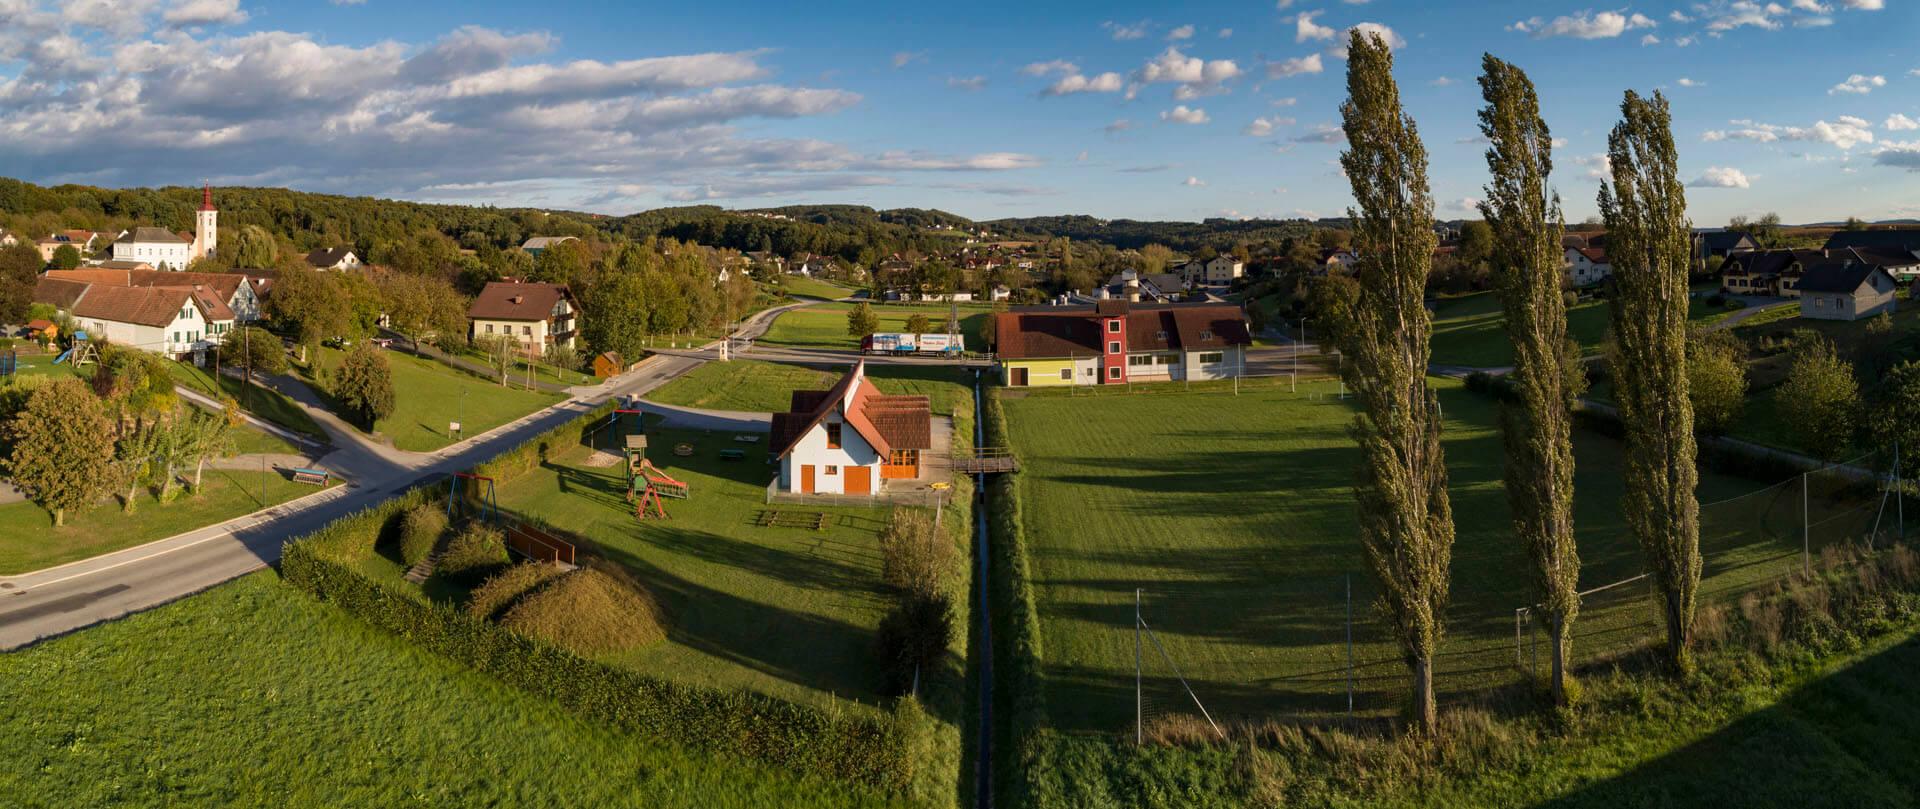 Spielplatz und Fußballplatz Schölbing